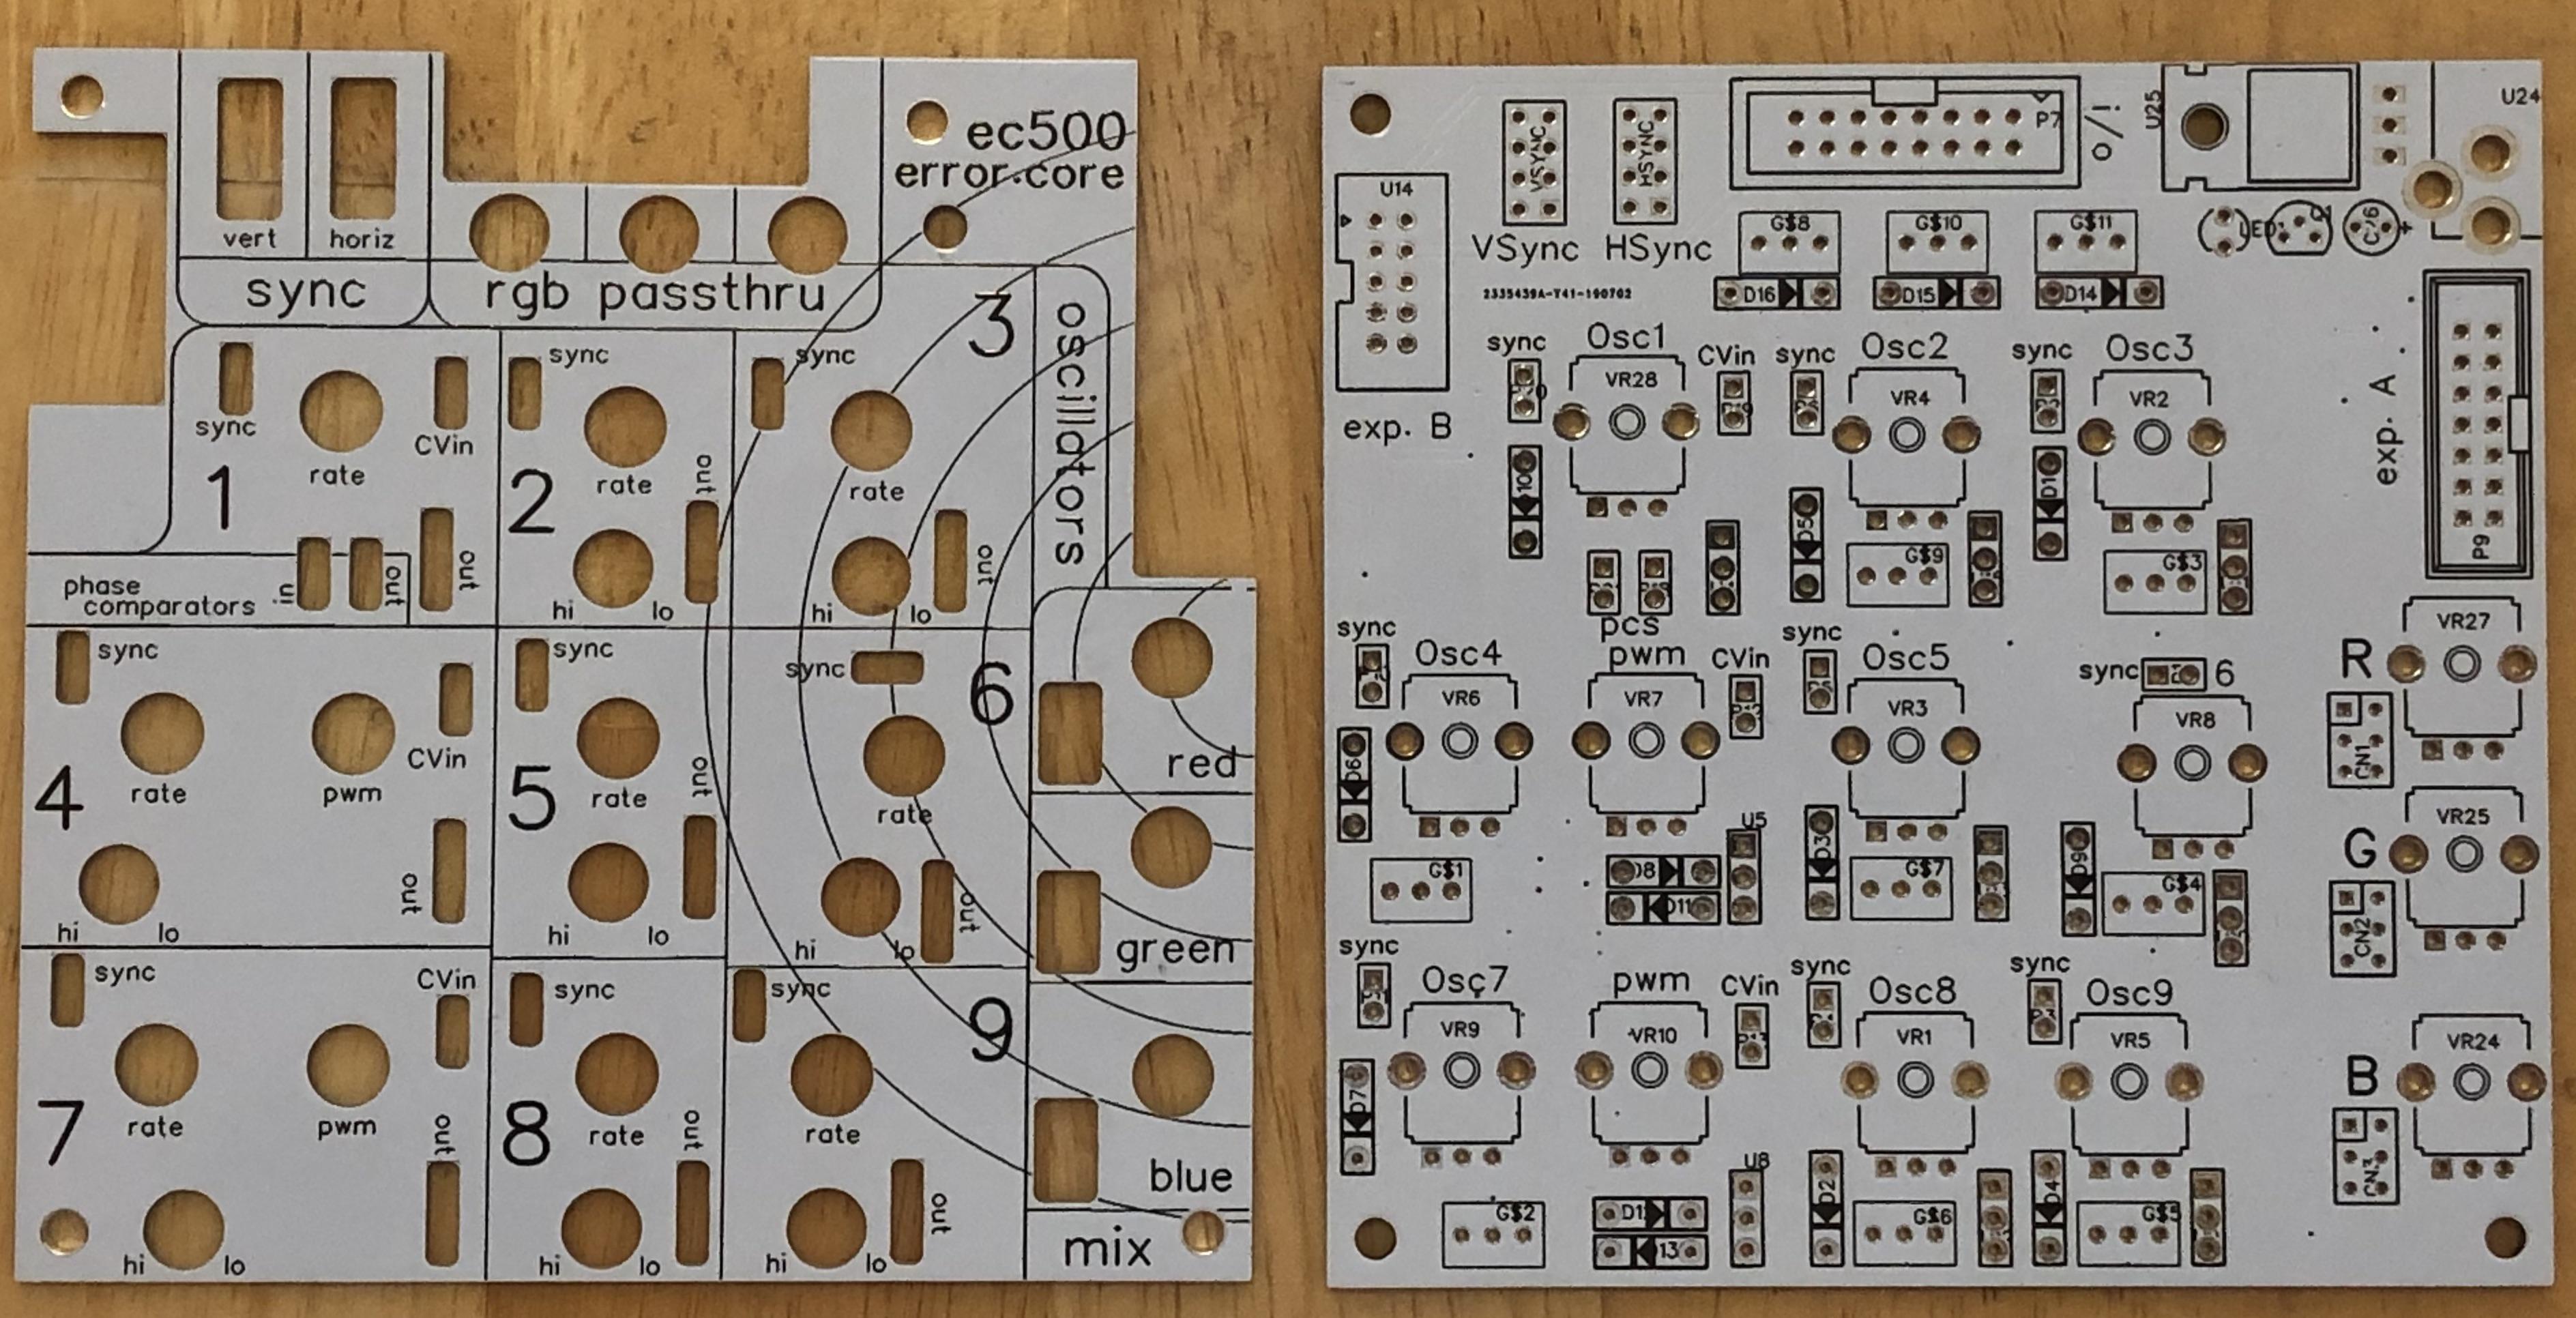 ec500 error.core PCB + Panel set